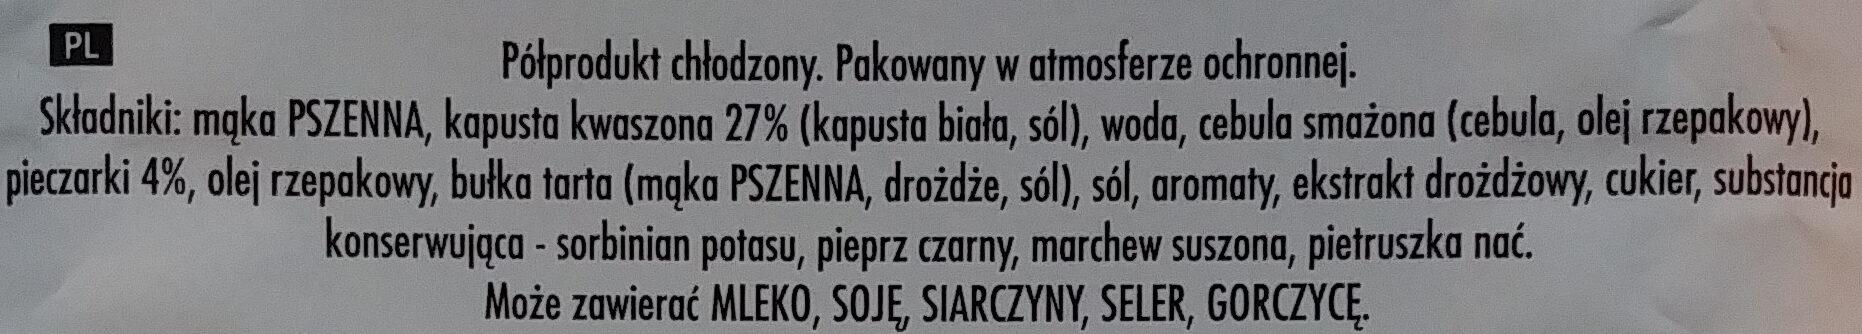 Pierogi z kapustą i grzybami - Ingredients - pl